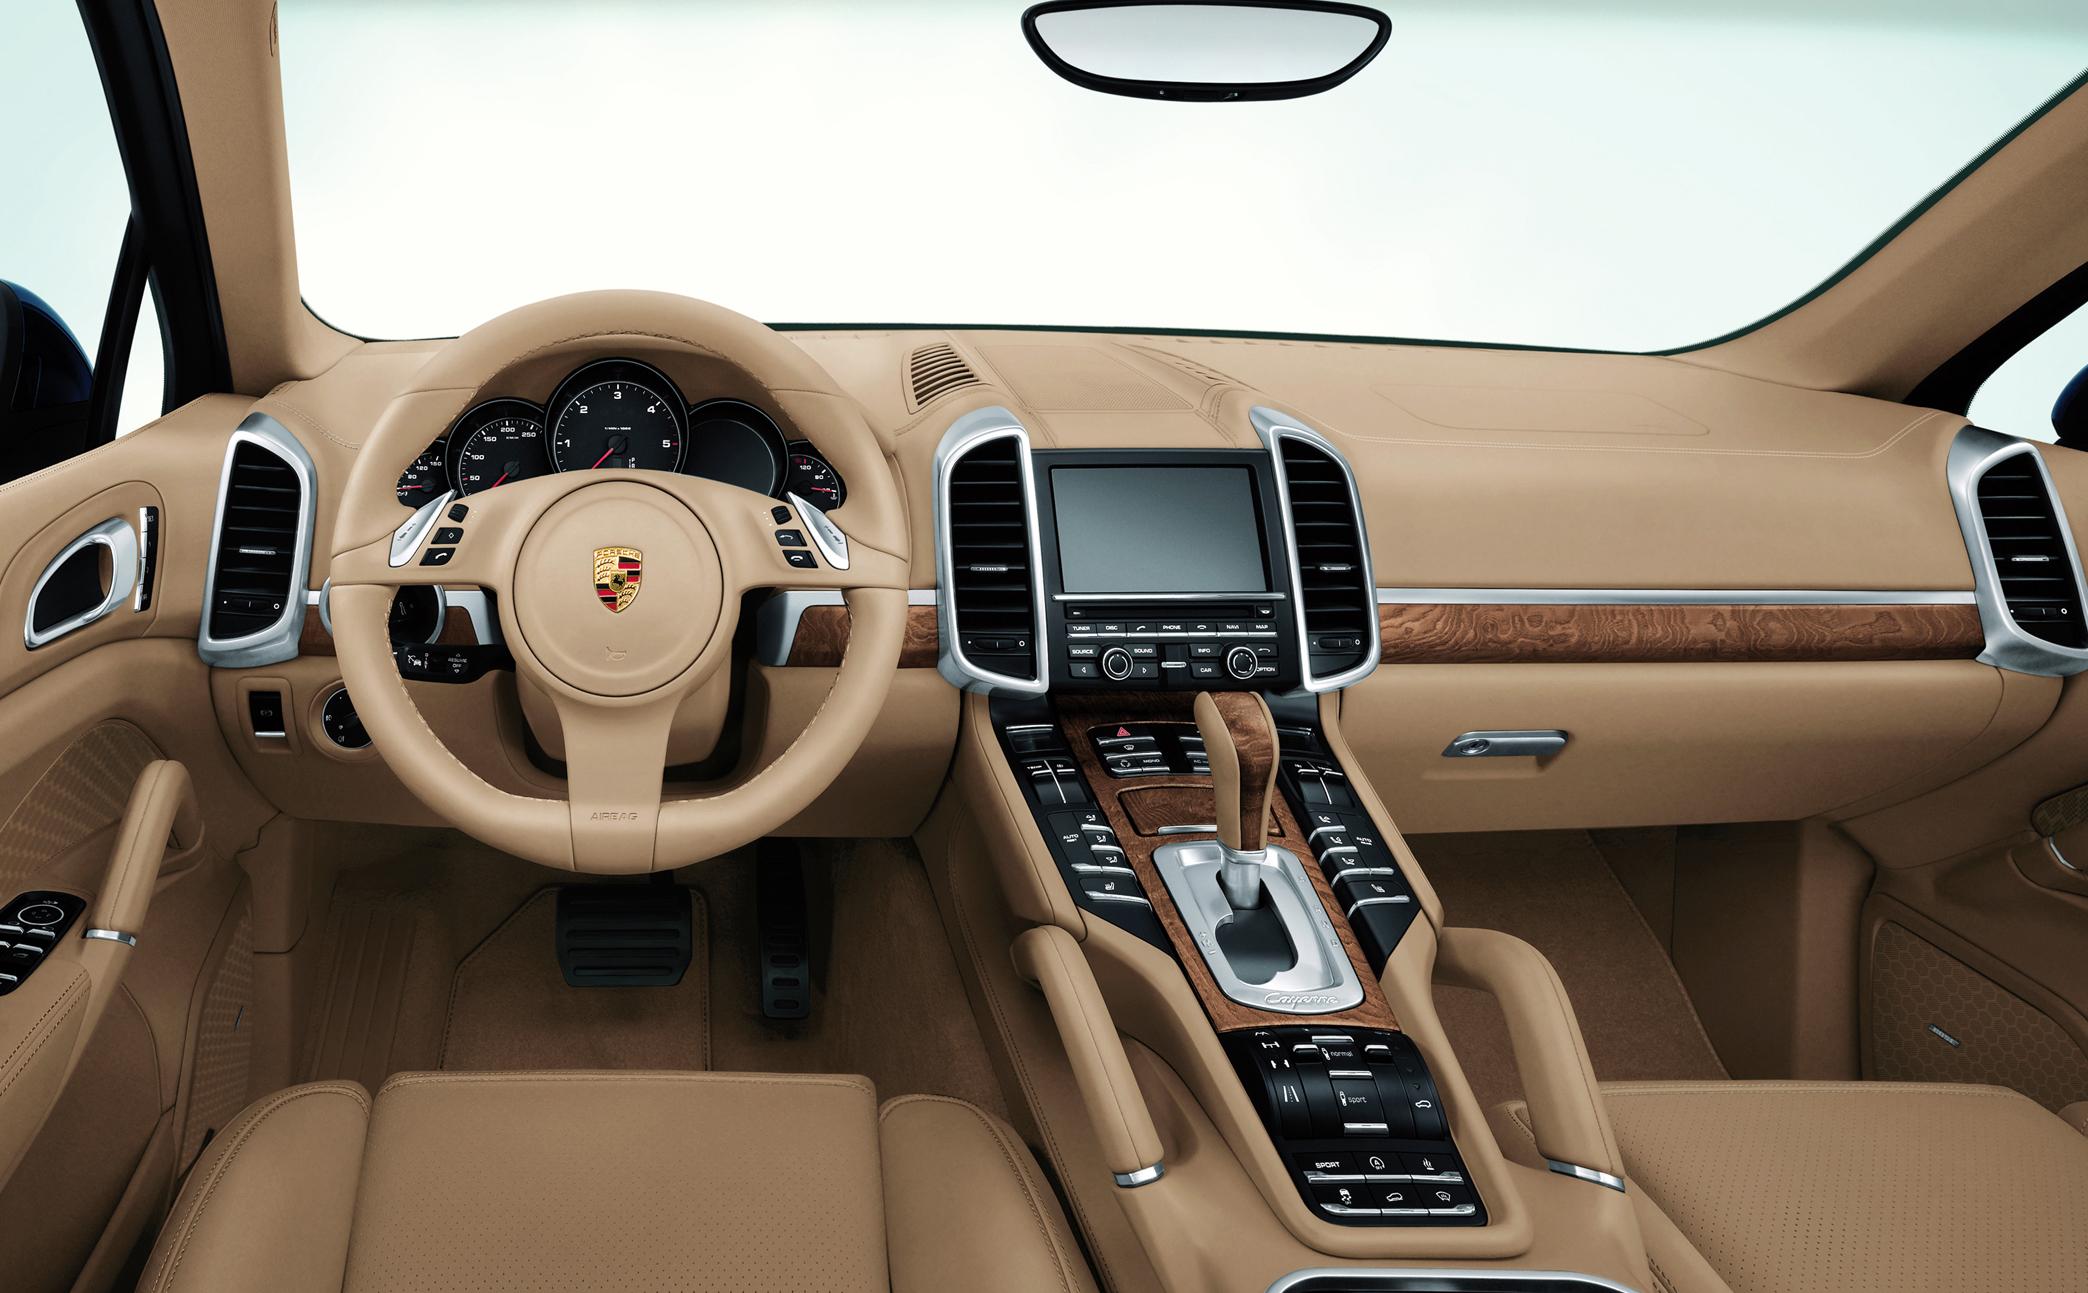 2011 Porsche Cayenne US market launch